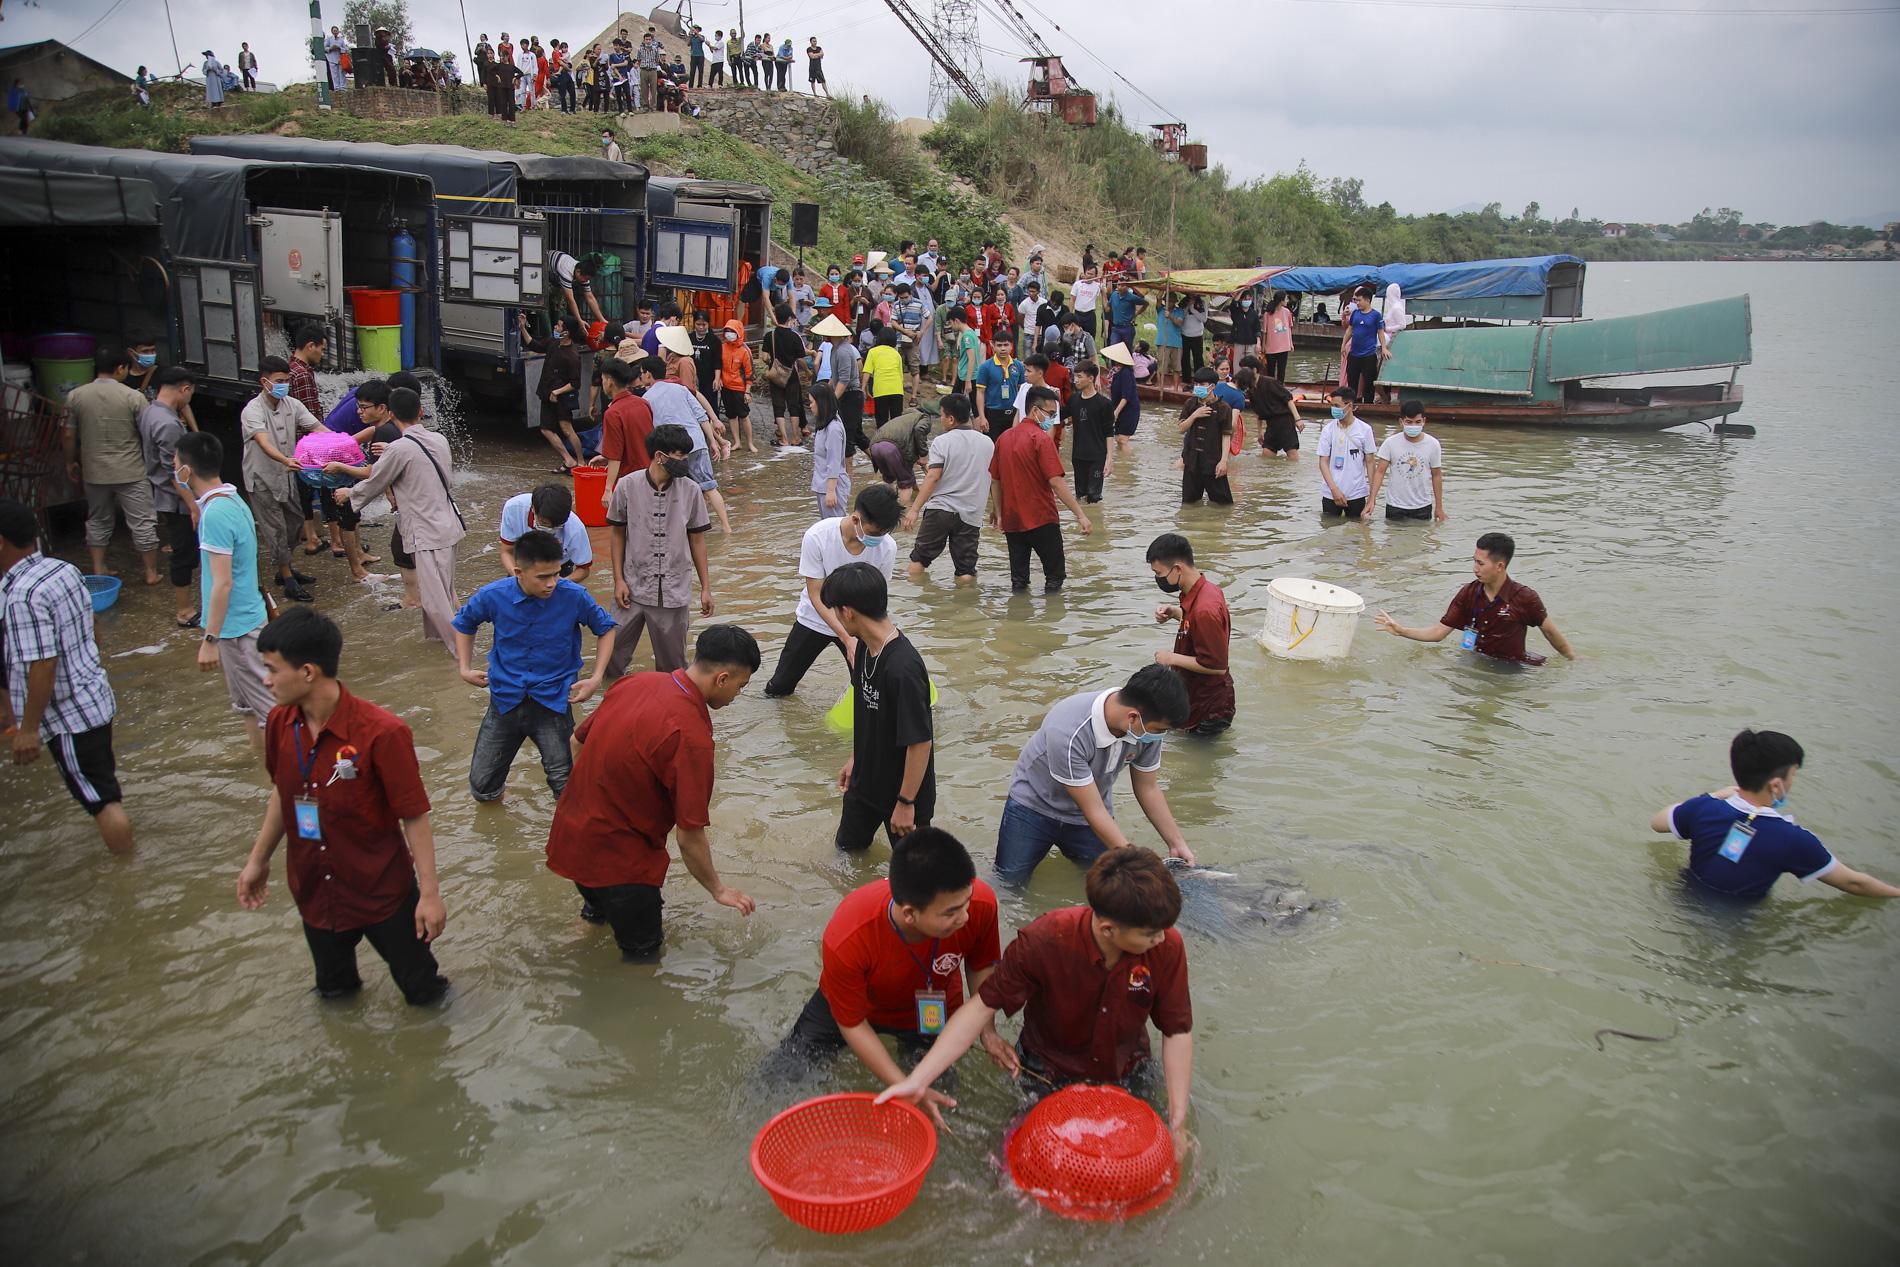 Hơn 10 tấn cá được phóng sinh trên quê hương Bác Hồ - Ảnh 10.